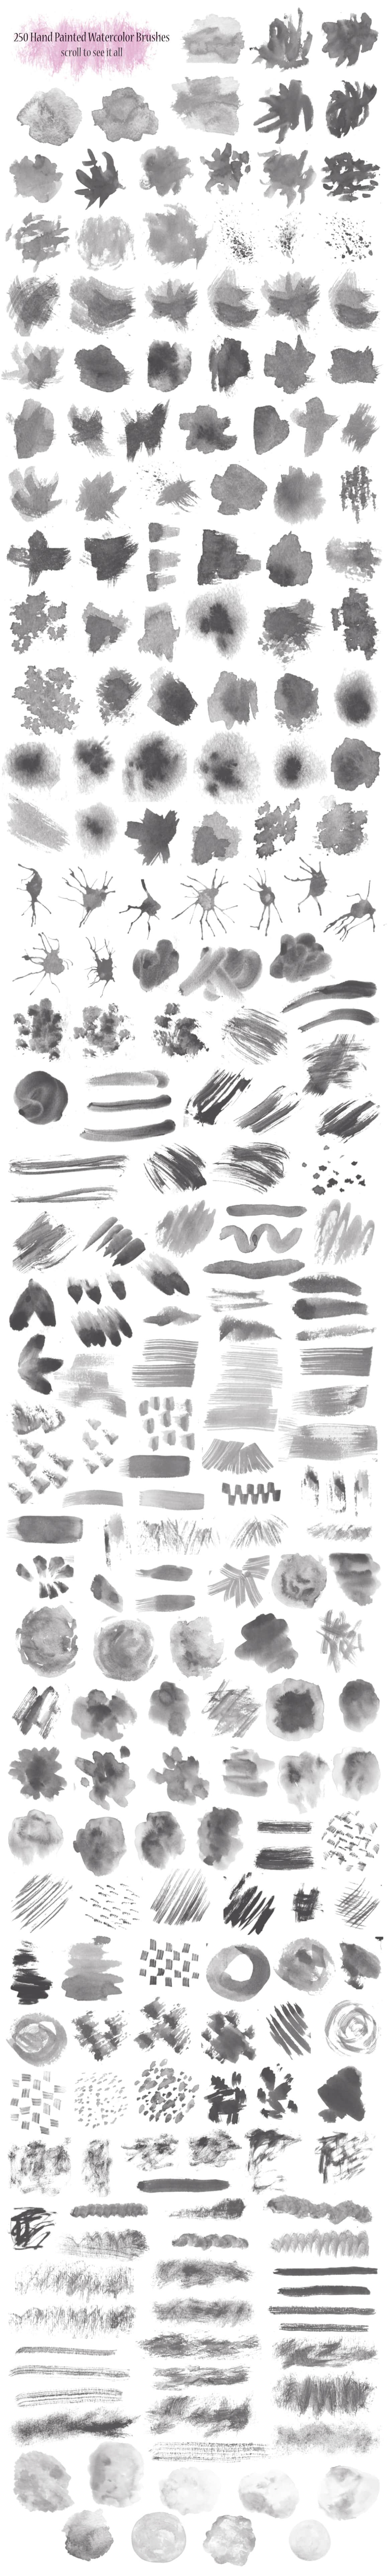 250种超大水彩、颜料、水墨画痕PS笔刷素材文件下载 水墨笔刷 水分笔刷  photoshop brush %e6%b2%b9%e6%bc%86%e7%ac%94%e5%88%b7